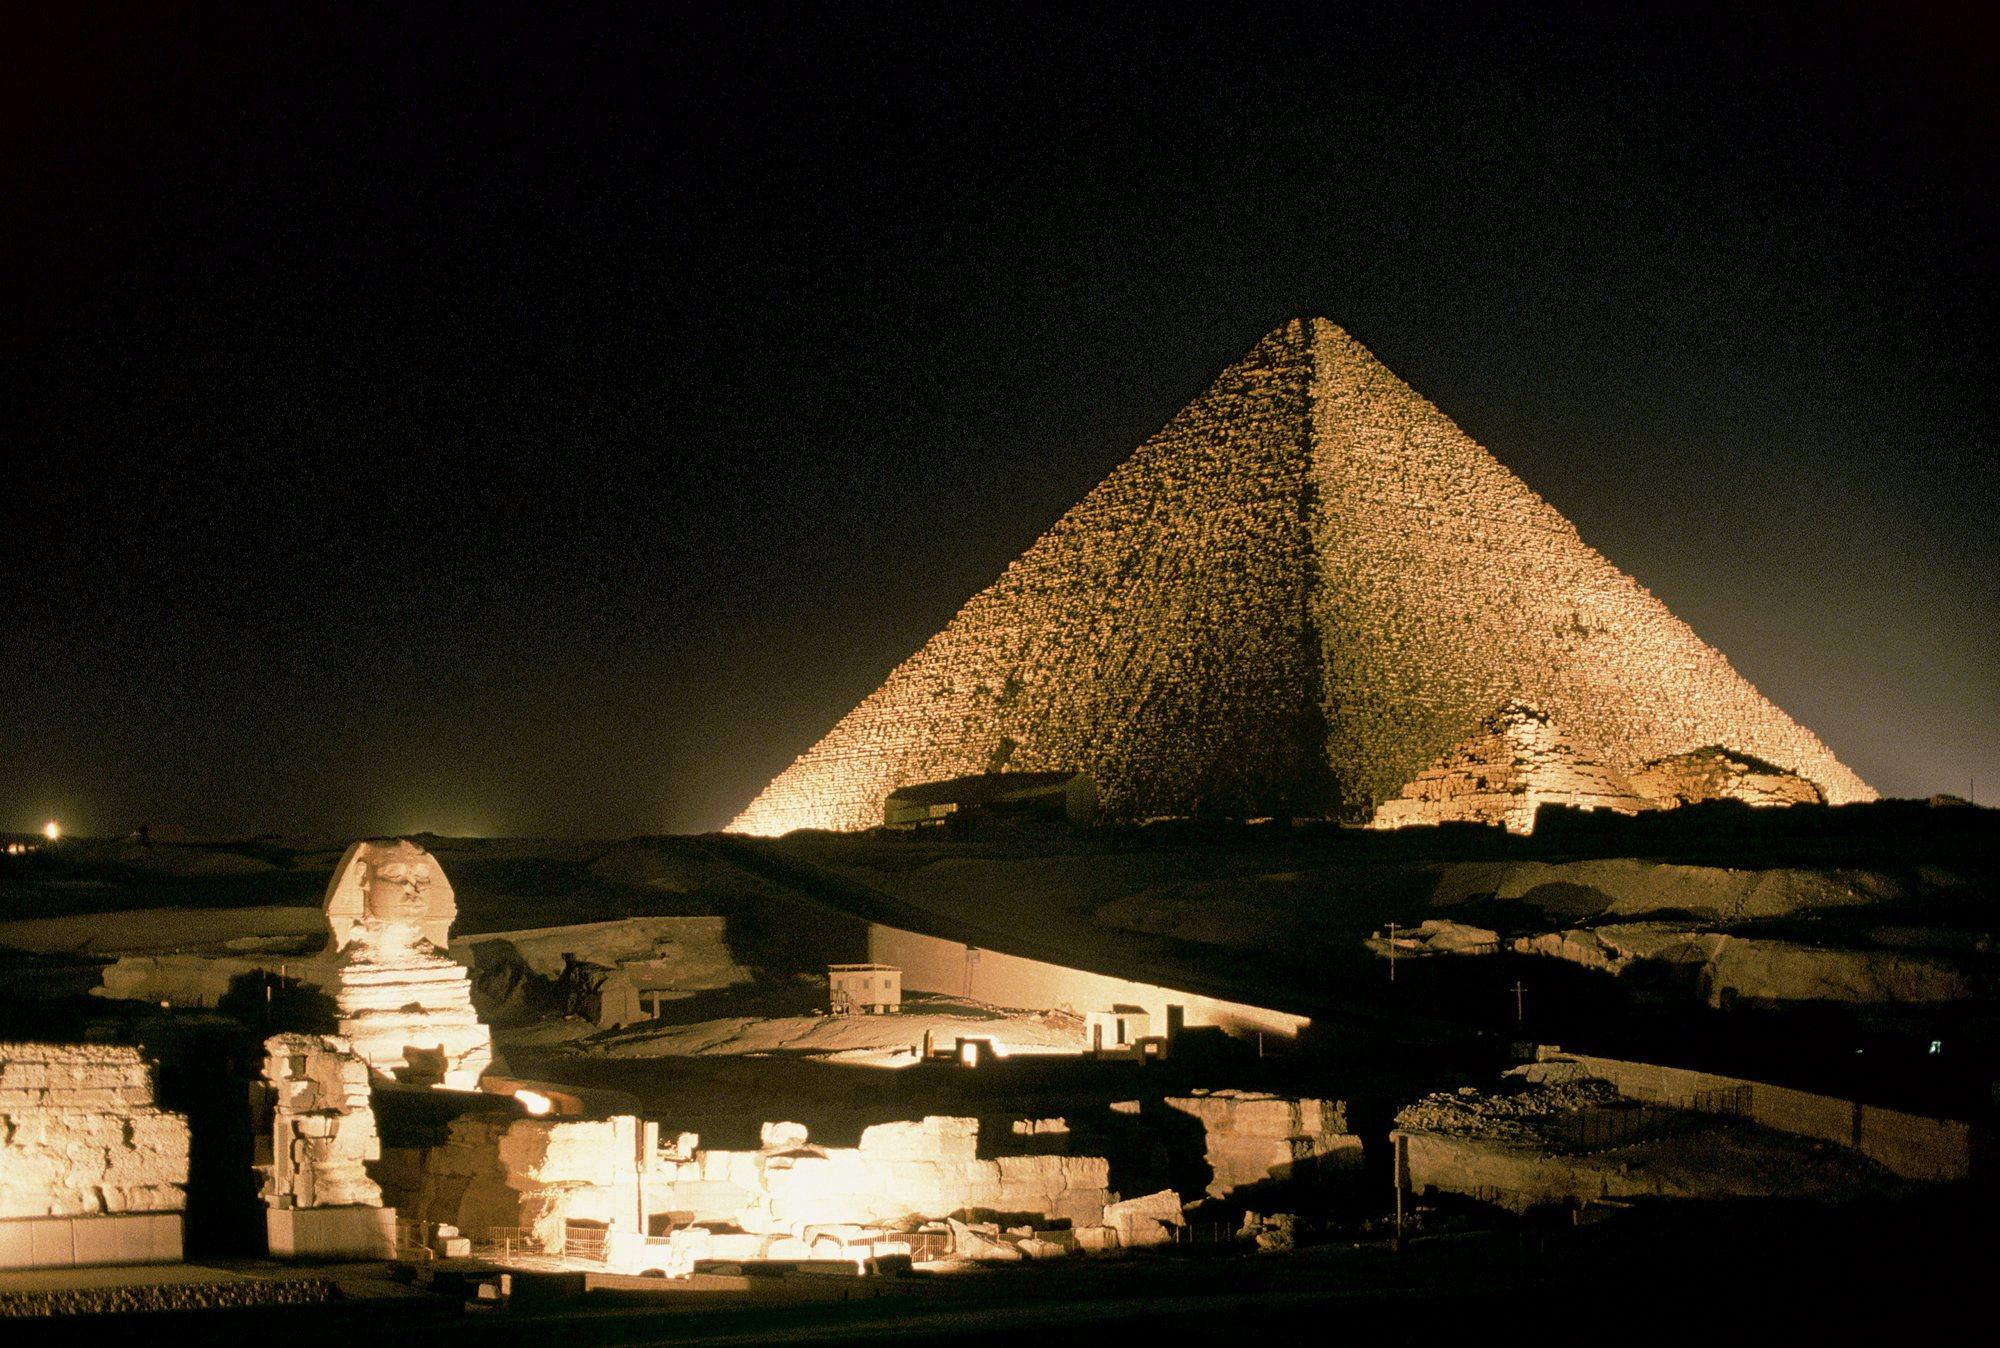 Científicos en shock: La gran pirámide Guiza se ubica exactamente en el centro de la Tierra